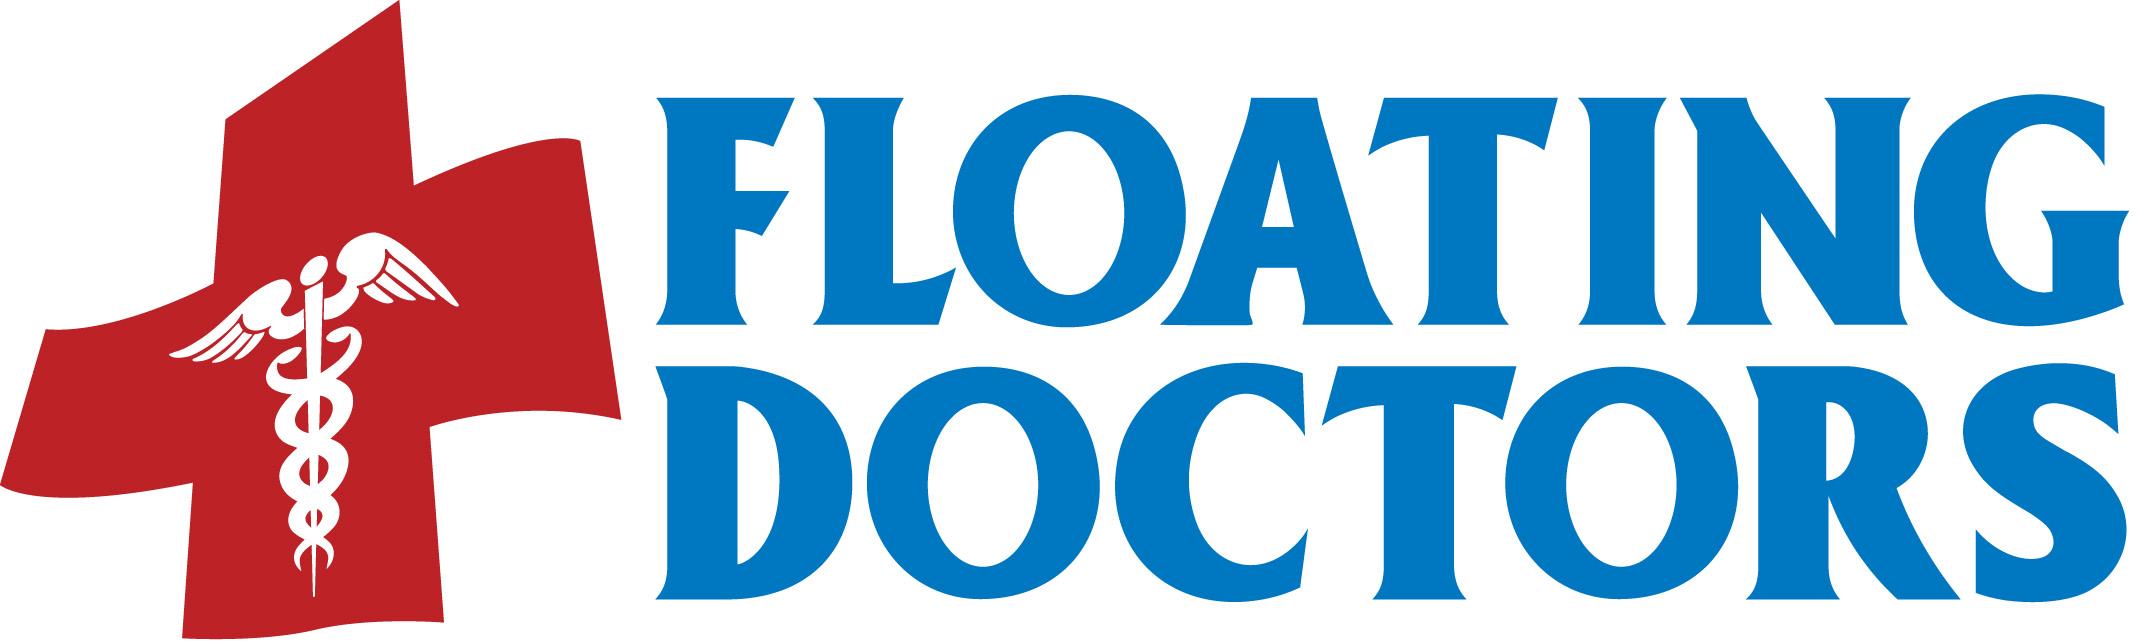 Floating Doctors logo